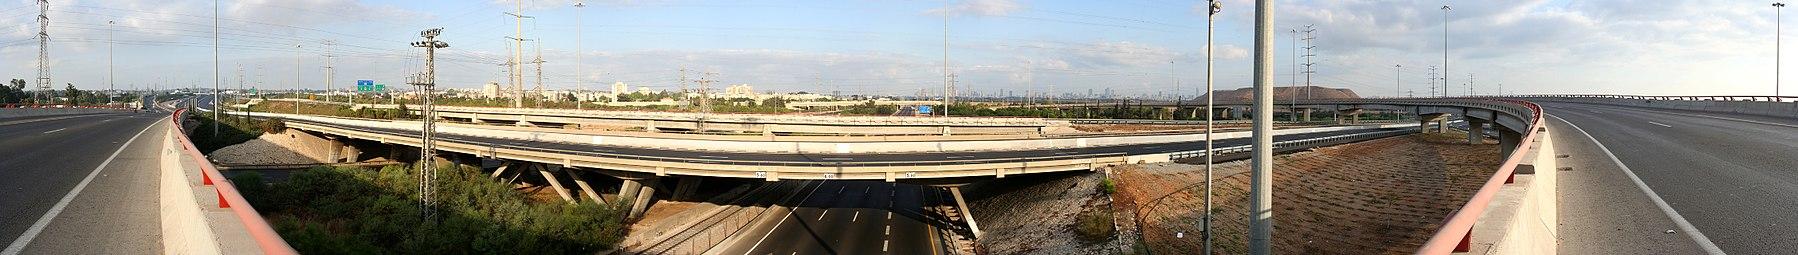 פנורמה של מחלף גנות הריק ממכוניות בבוקר יום כיפור 2007. כביש 4 חולף על הגשר לרוחב התמונה